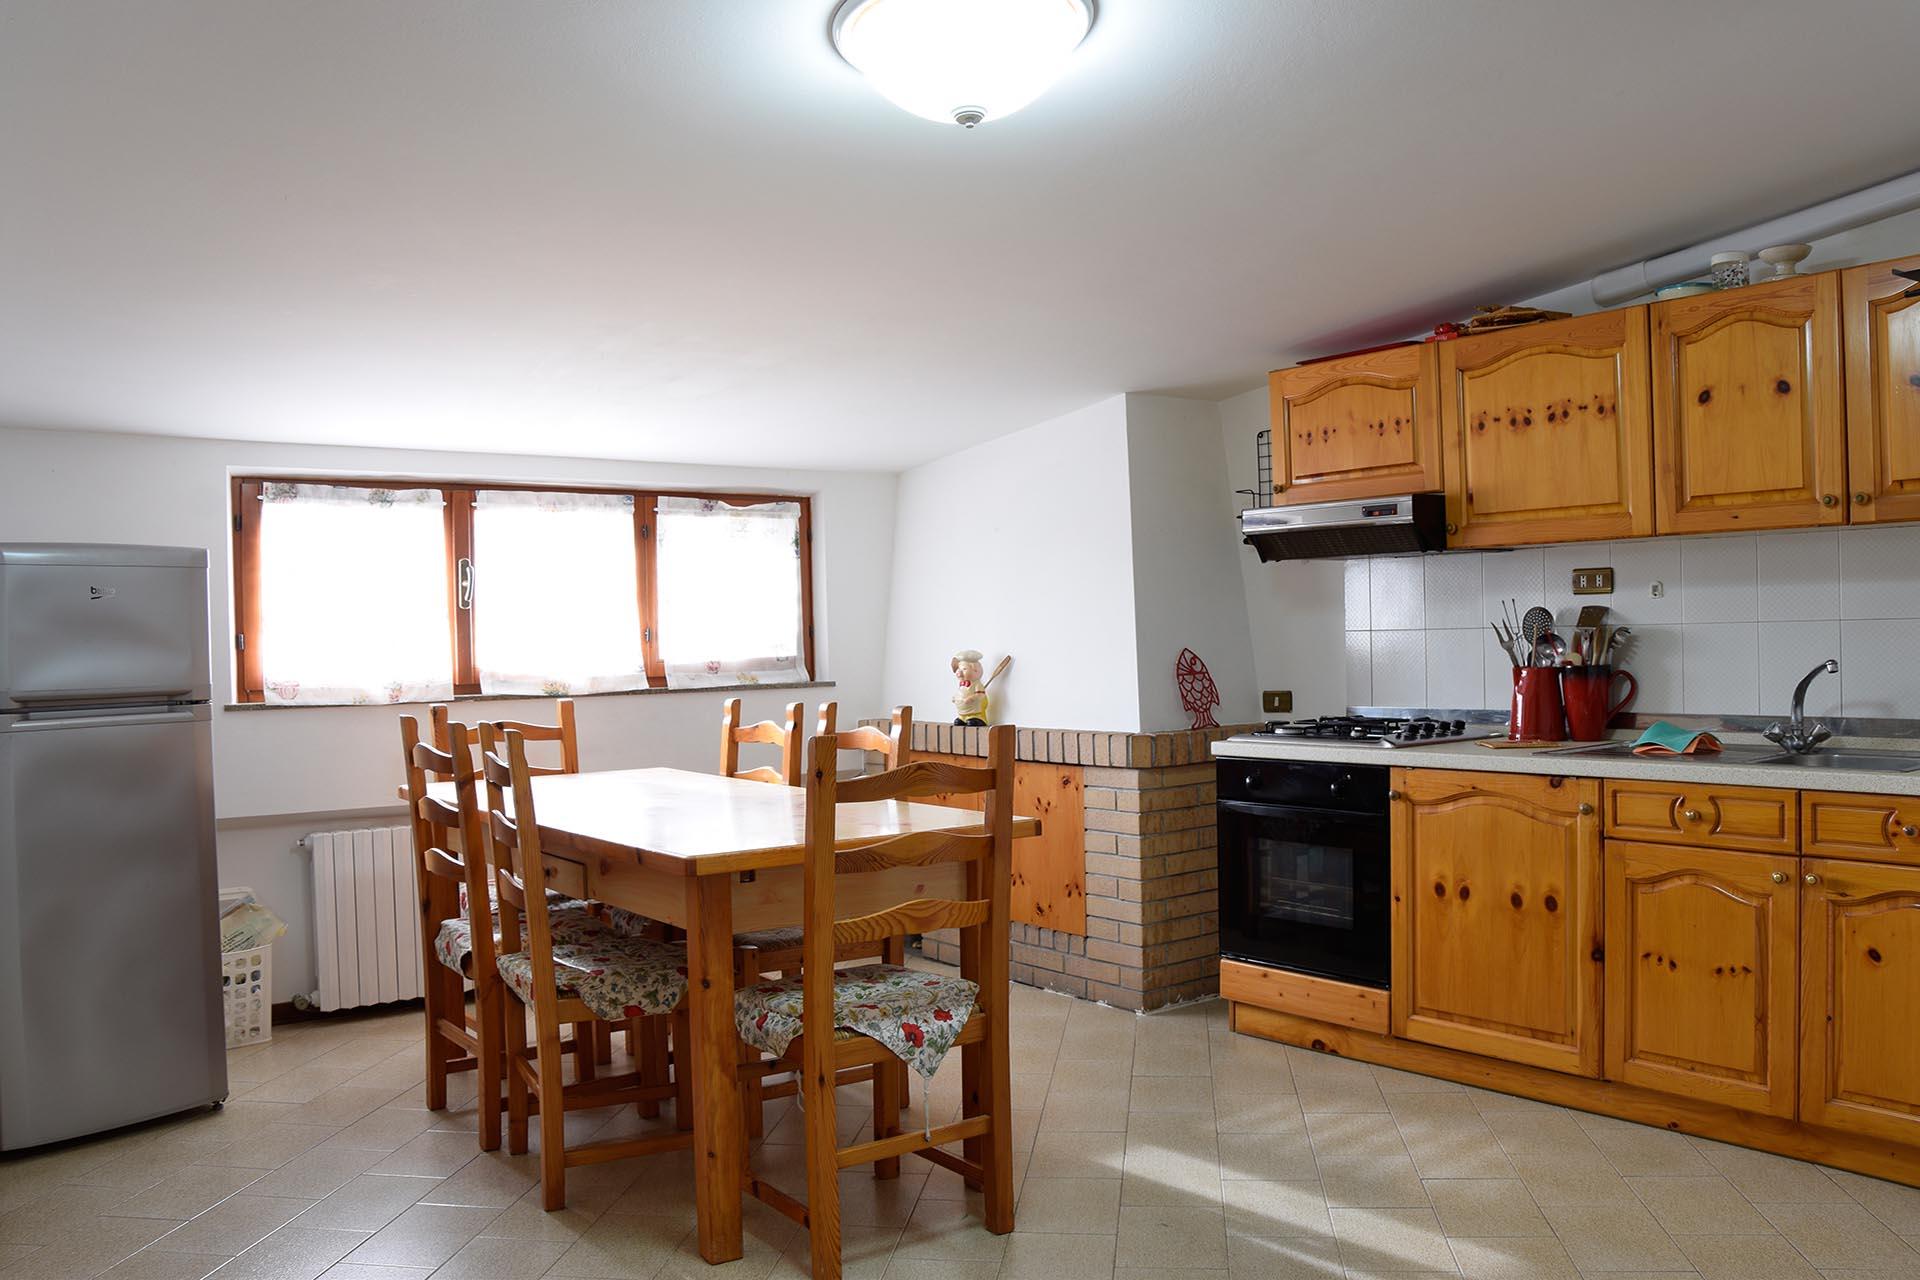 L'Agenzia Immobiliare Puzielliproponemansarda arredata con terrazzo in affitto a Fermo